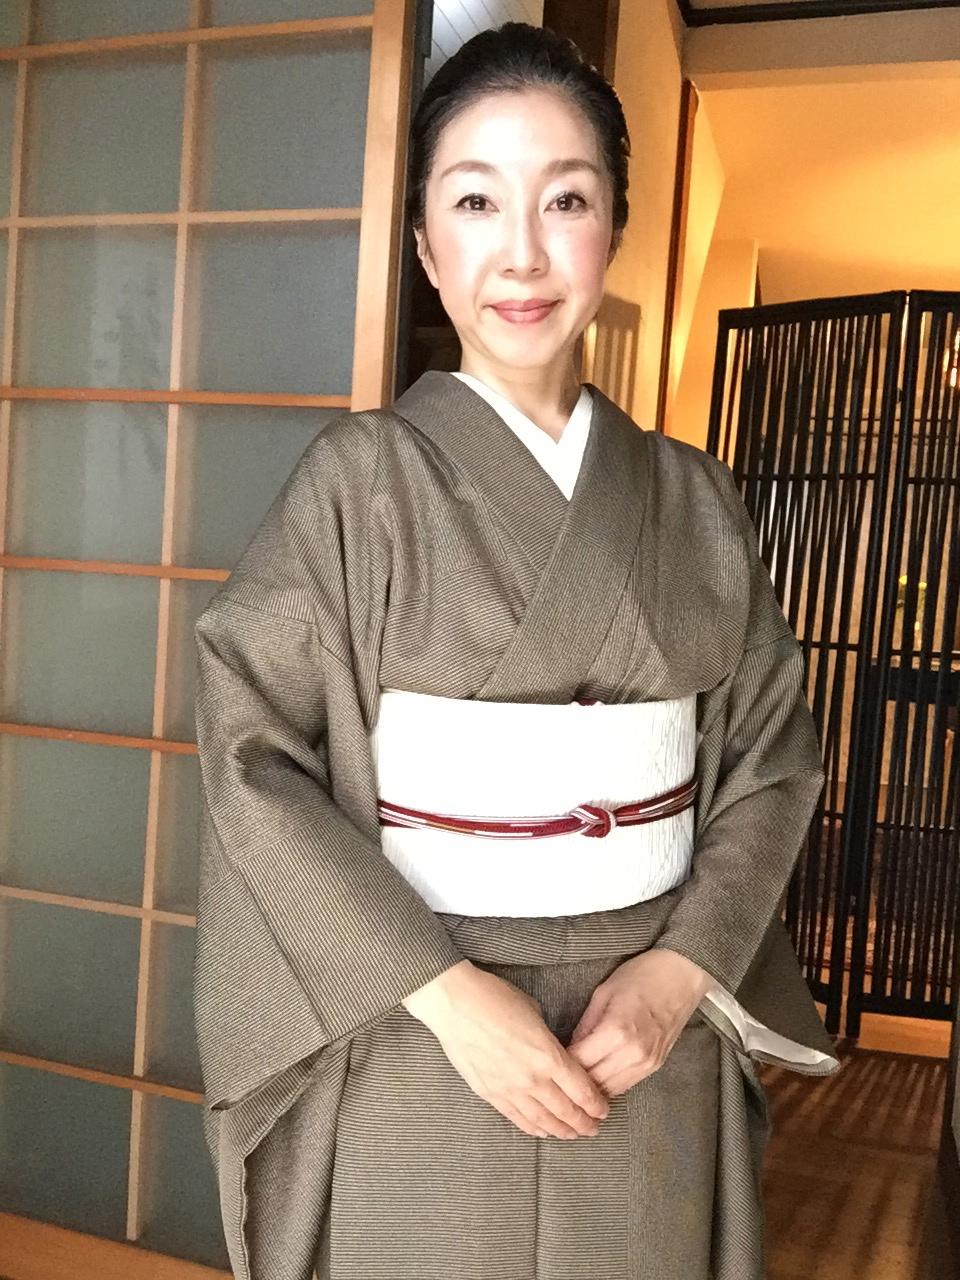 着物コーディネート(おしゃれ篇)4月下旬 最高気温24℃ 単衣を着ています!